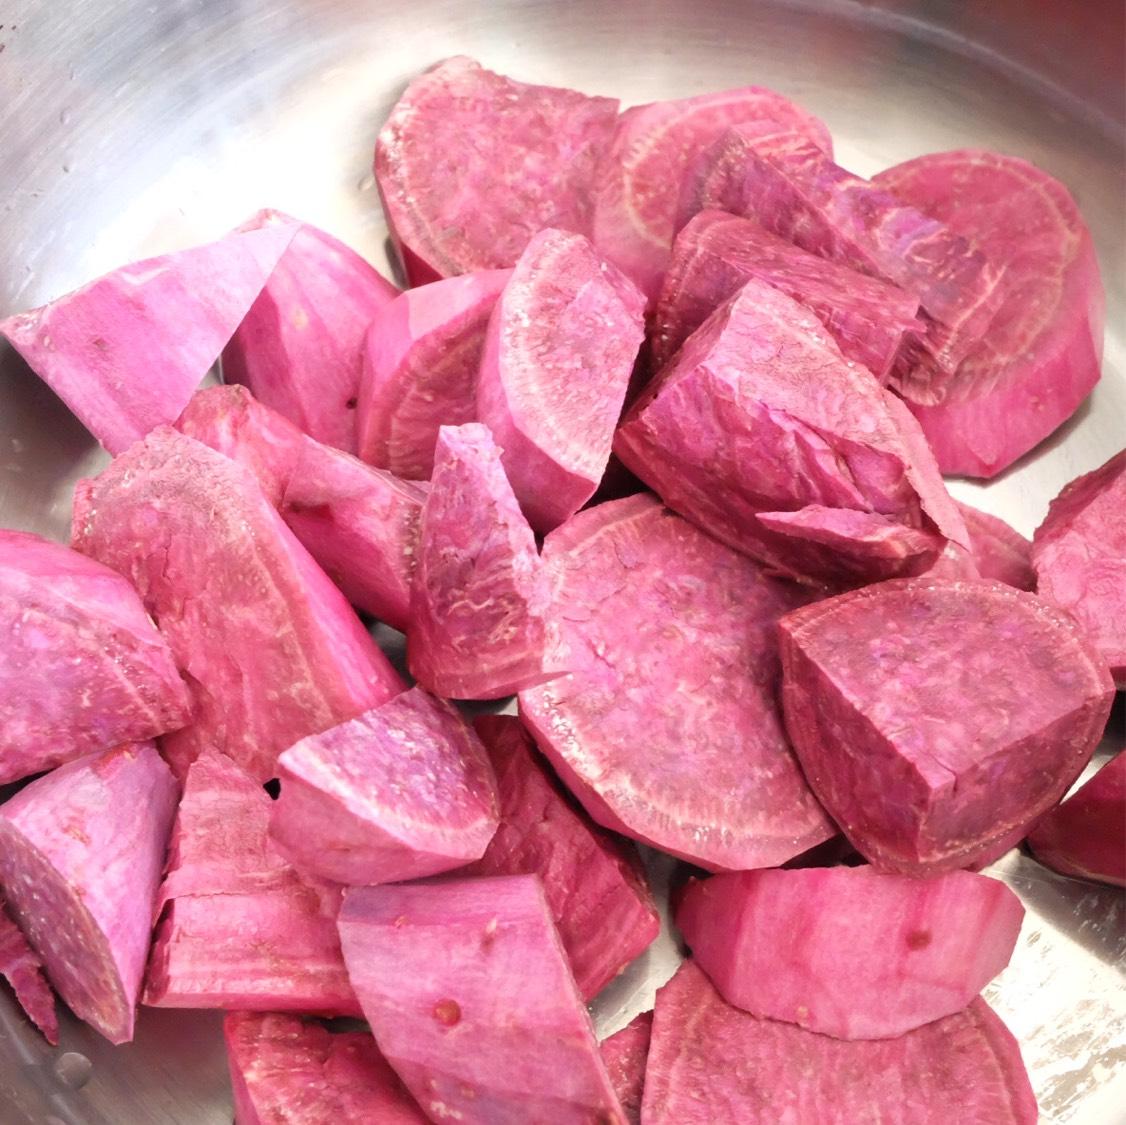 紫薯洗净去皮,切块,一条紫薯可以尽量切小块,这样煮出来的糖水会有好看的浪漫紫色。另一条紫薯切大块,保留了可以吃到紫薯块的口感。